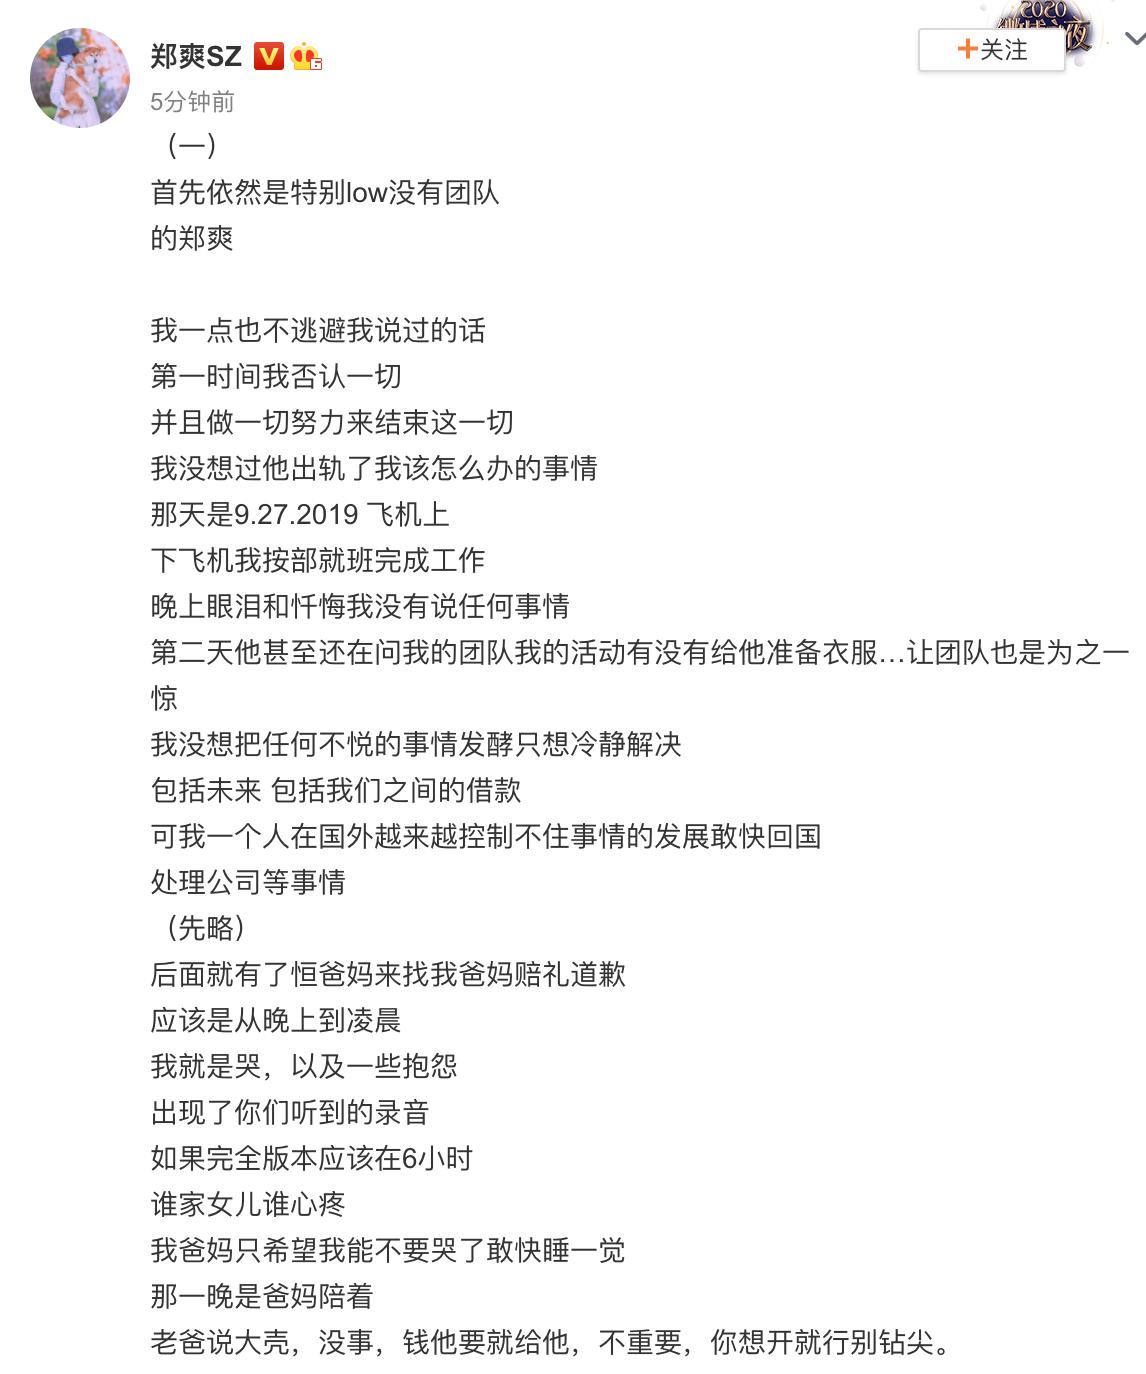 郑爽再回应在美代孕弃养 Prada终止与其合作_图1-1